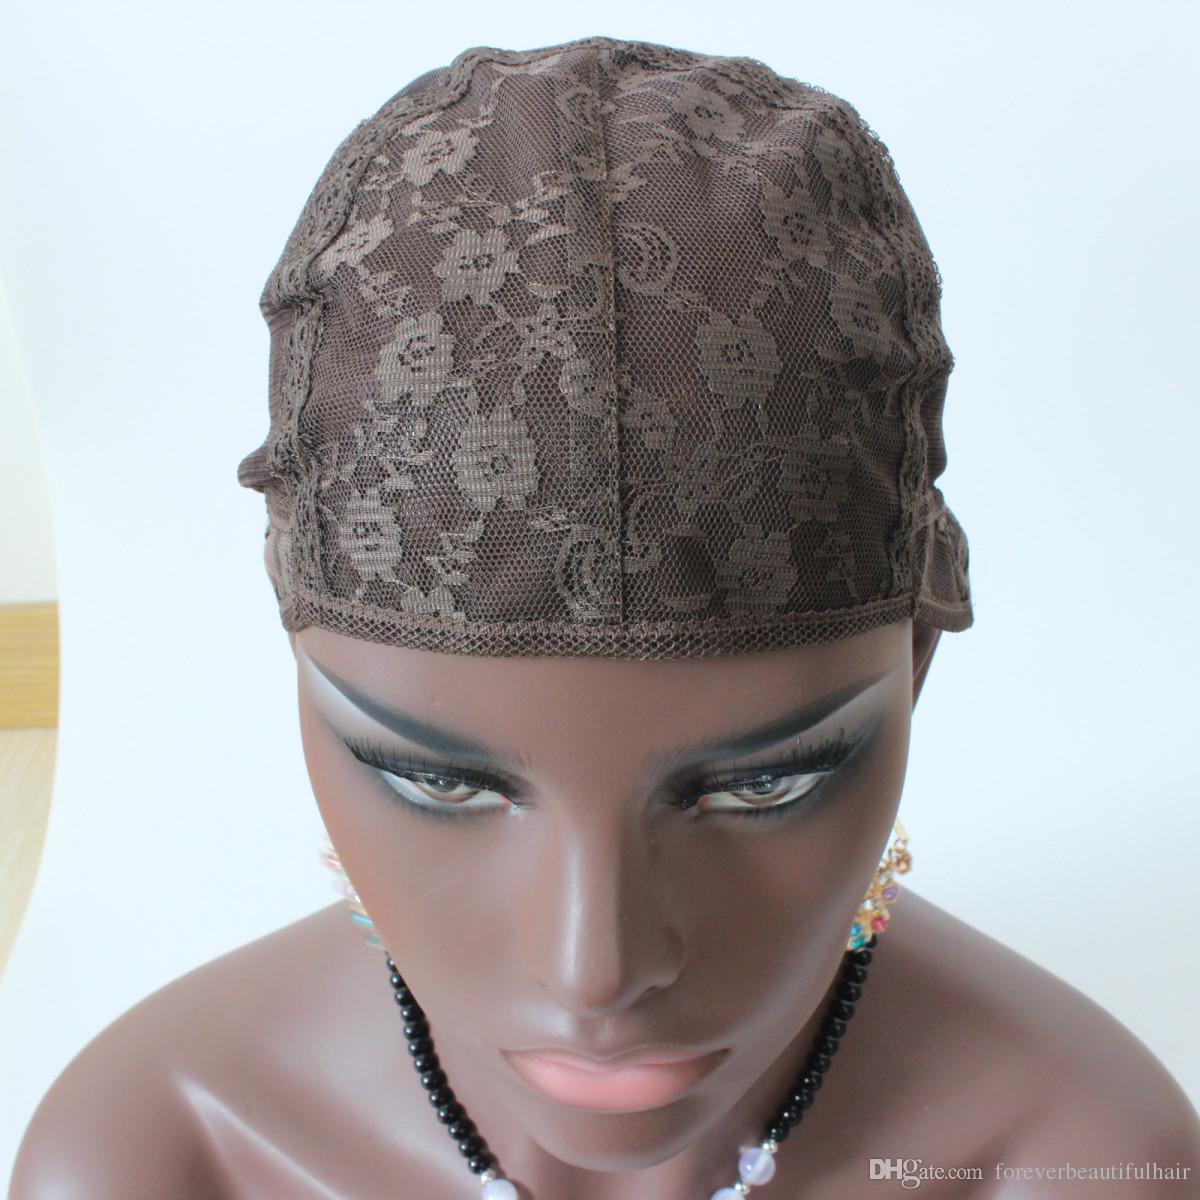 3 unids casquillo de la peluca judía de color marrón S / M / L Caps sin peluca de la peluca para hacer pelucas Stretch Lace Weaving Cap Correas ajustables Medio marrón